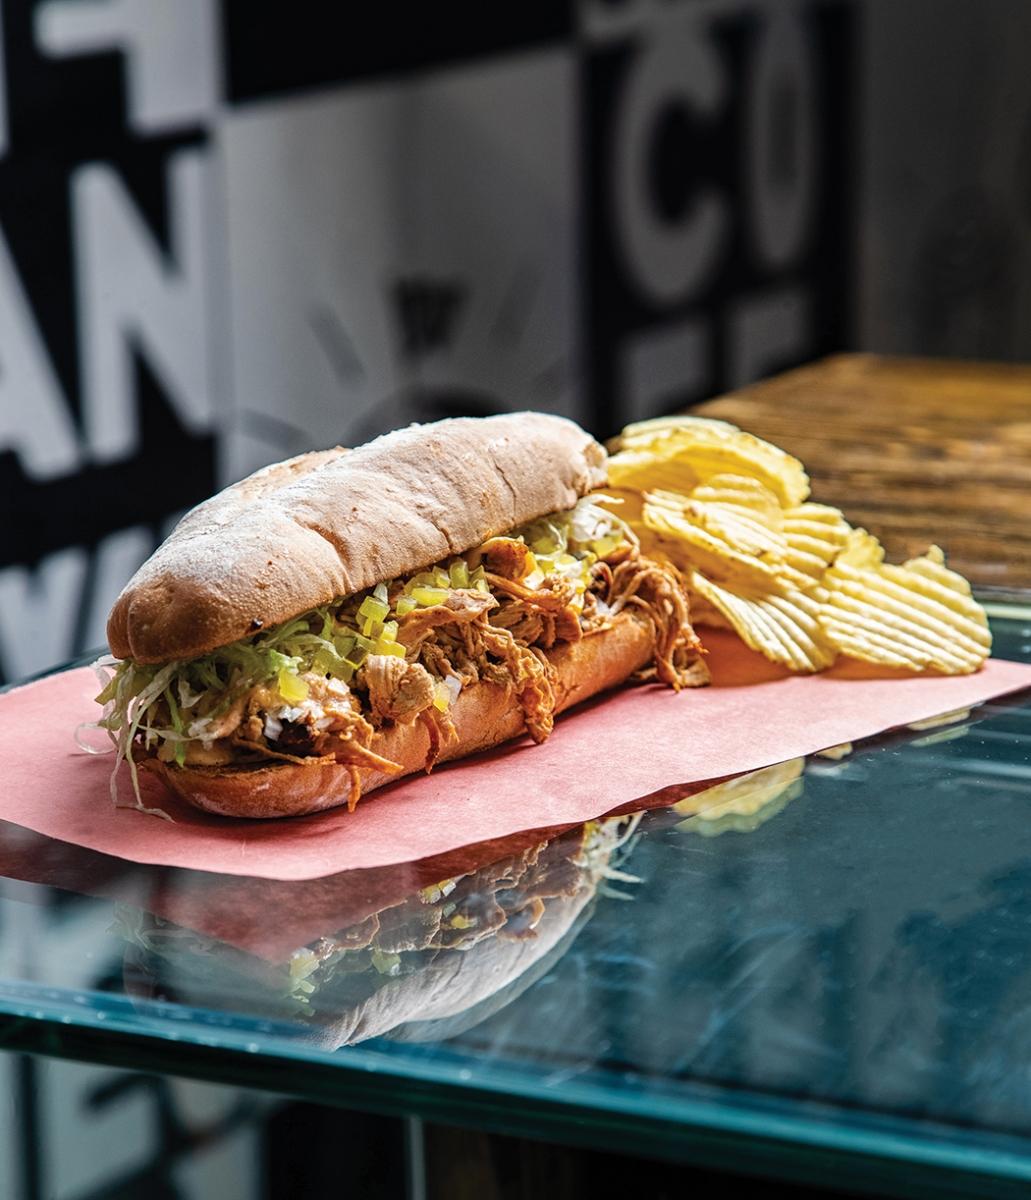 Sandwich from Farrow, Edmonton